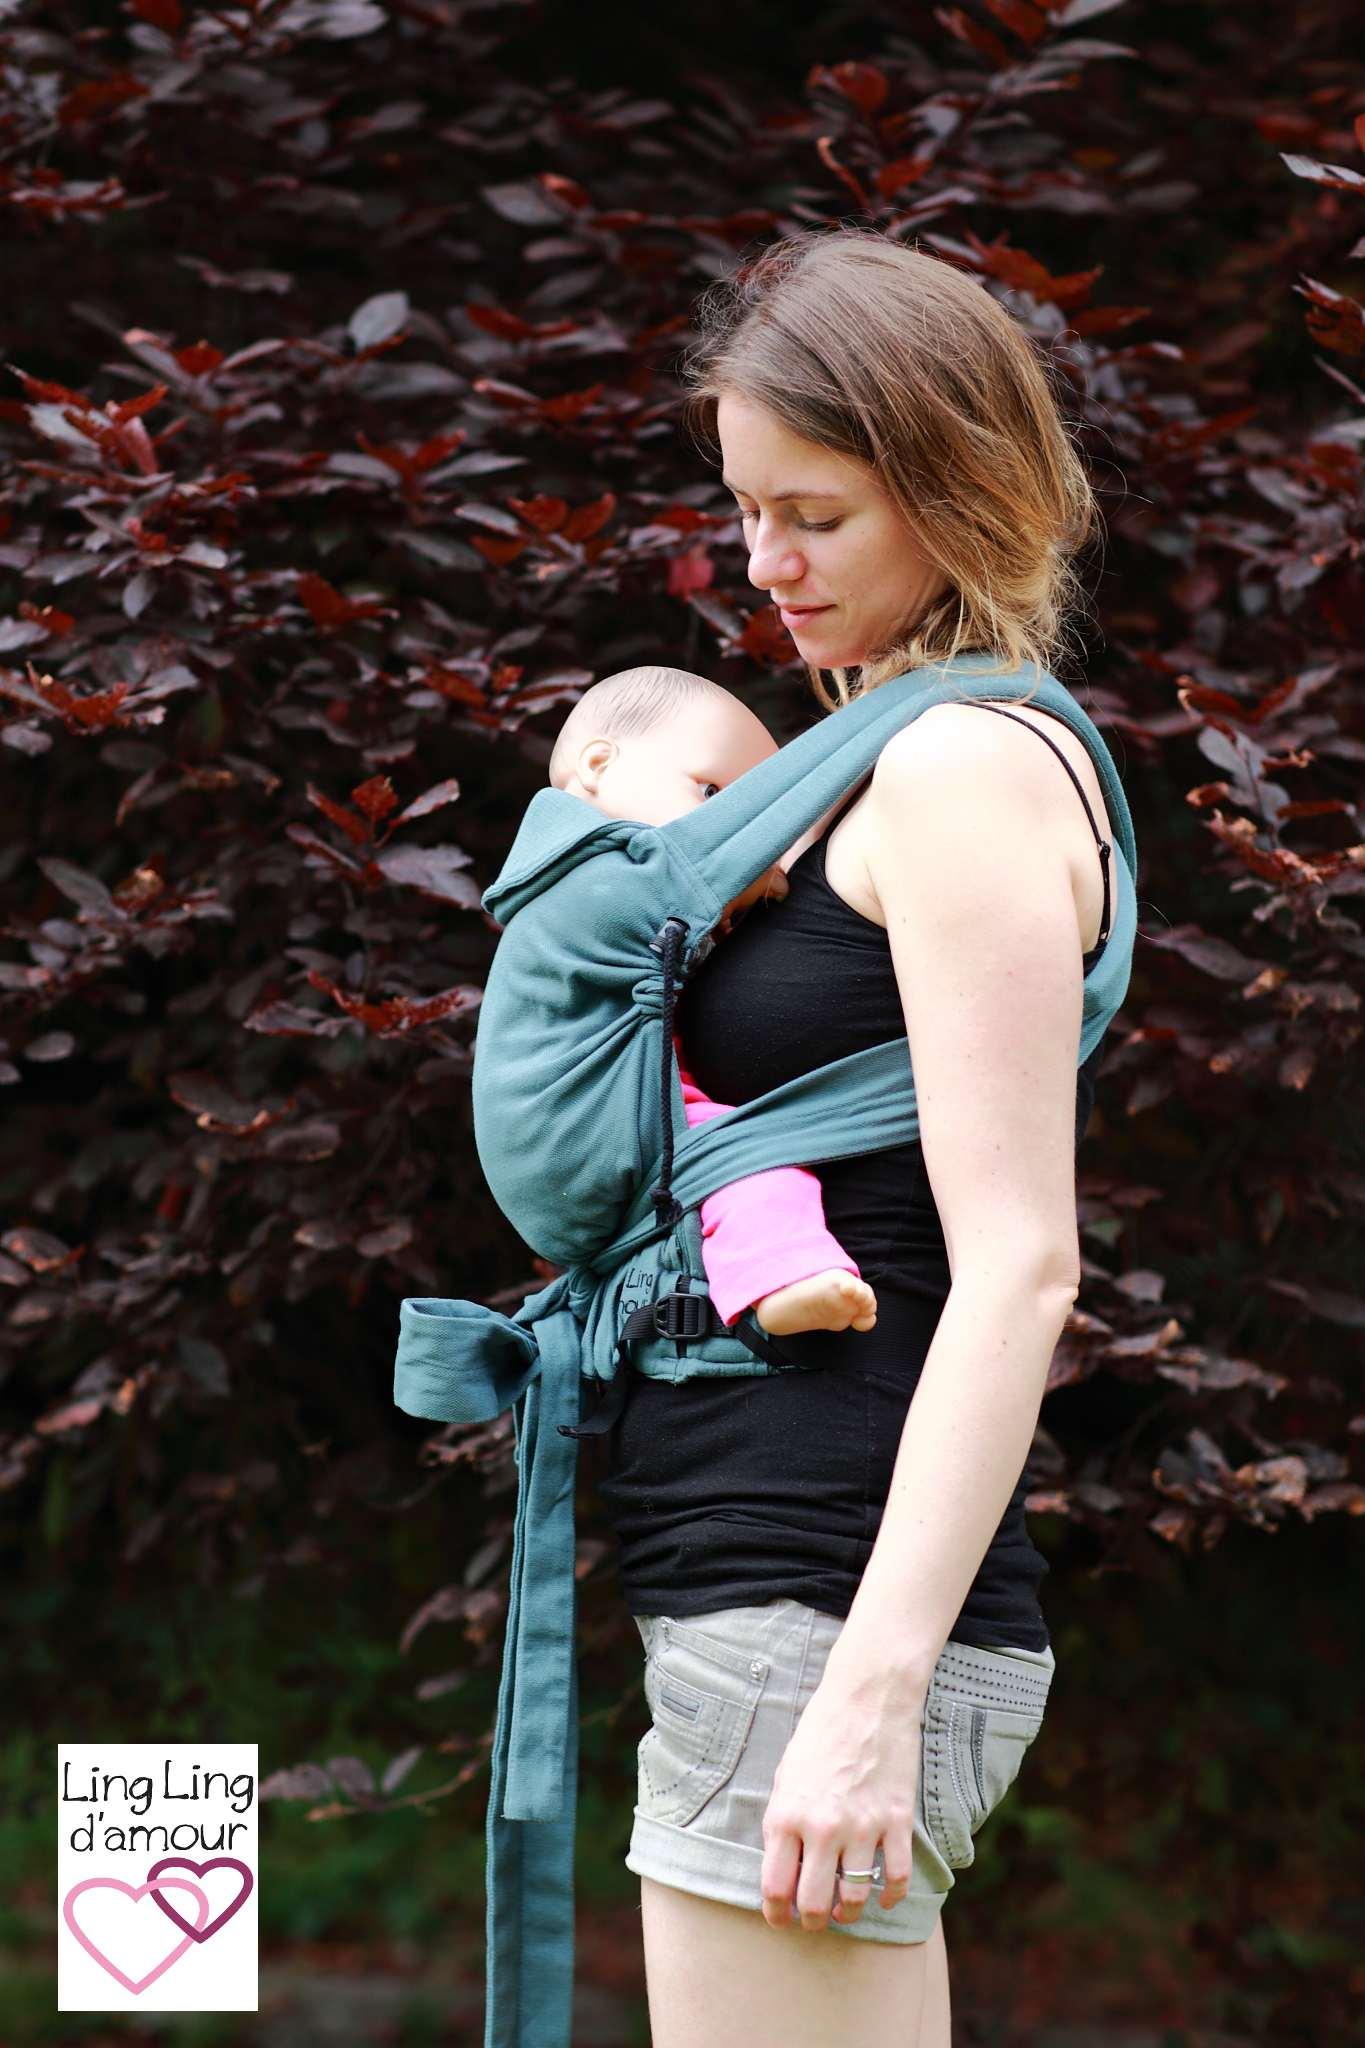 Le porte-bébé meï-tai Daïcaling   Ling Ling d amour, le blog 9bd575a1cd4